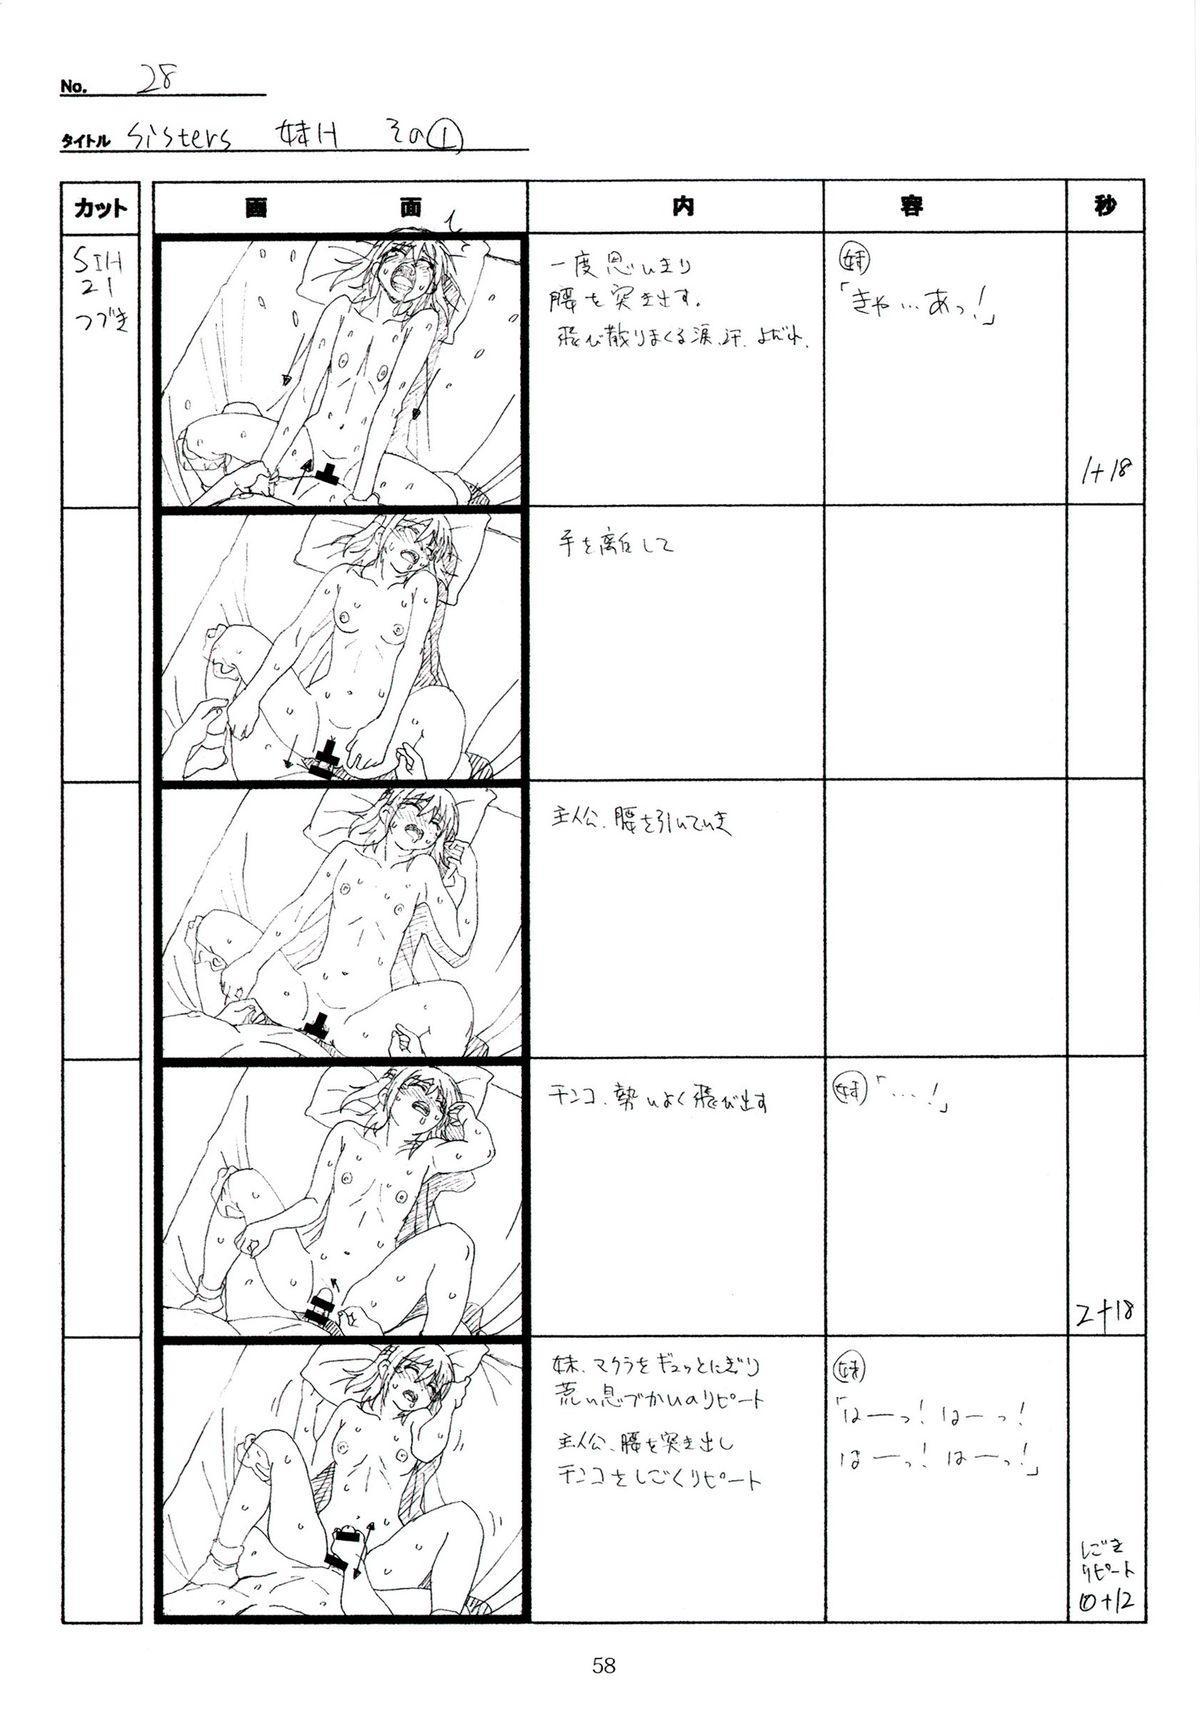 (C89) [Makino Jimusho (Taki Minashika)] SISTERS -Natsu no Saigo no Hi- H Scene All Part Storyboard (SISTERS -Natsu no Saigo no Hi-) 57